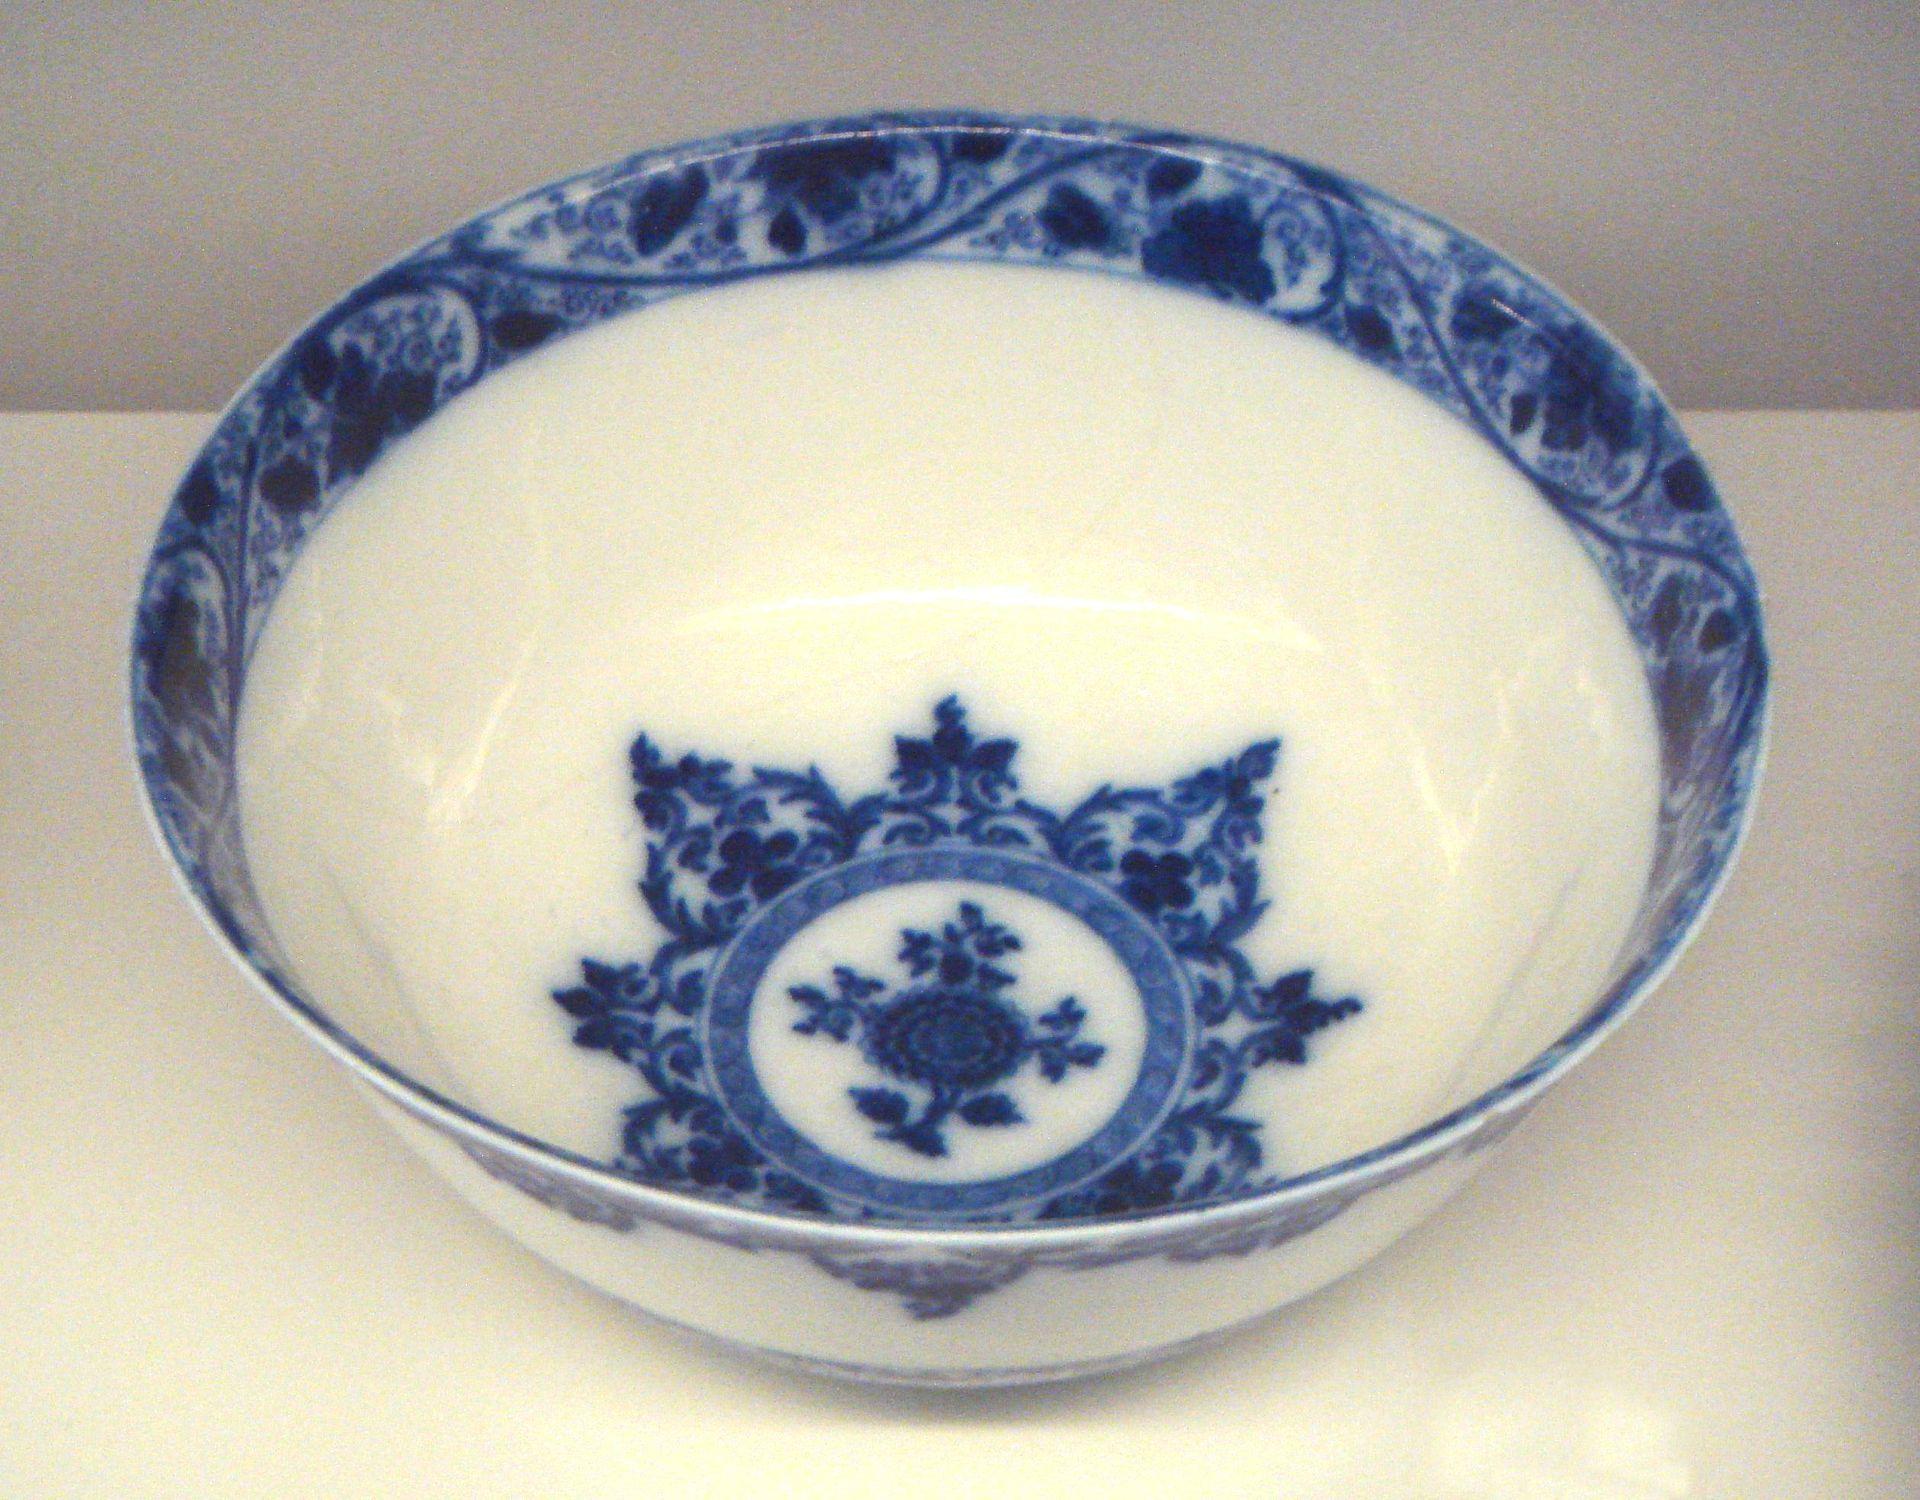 Saint-Cloud manufactory soft porcelain bowl, with blue decoration under glaze, 1700–1710.